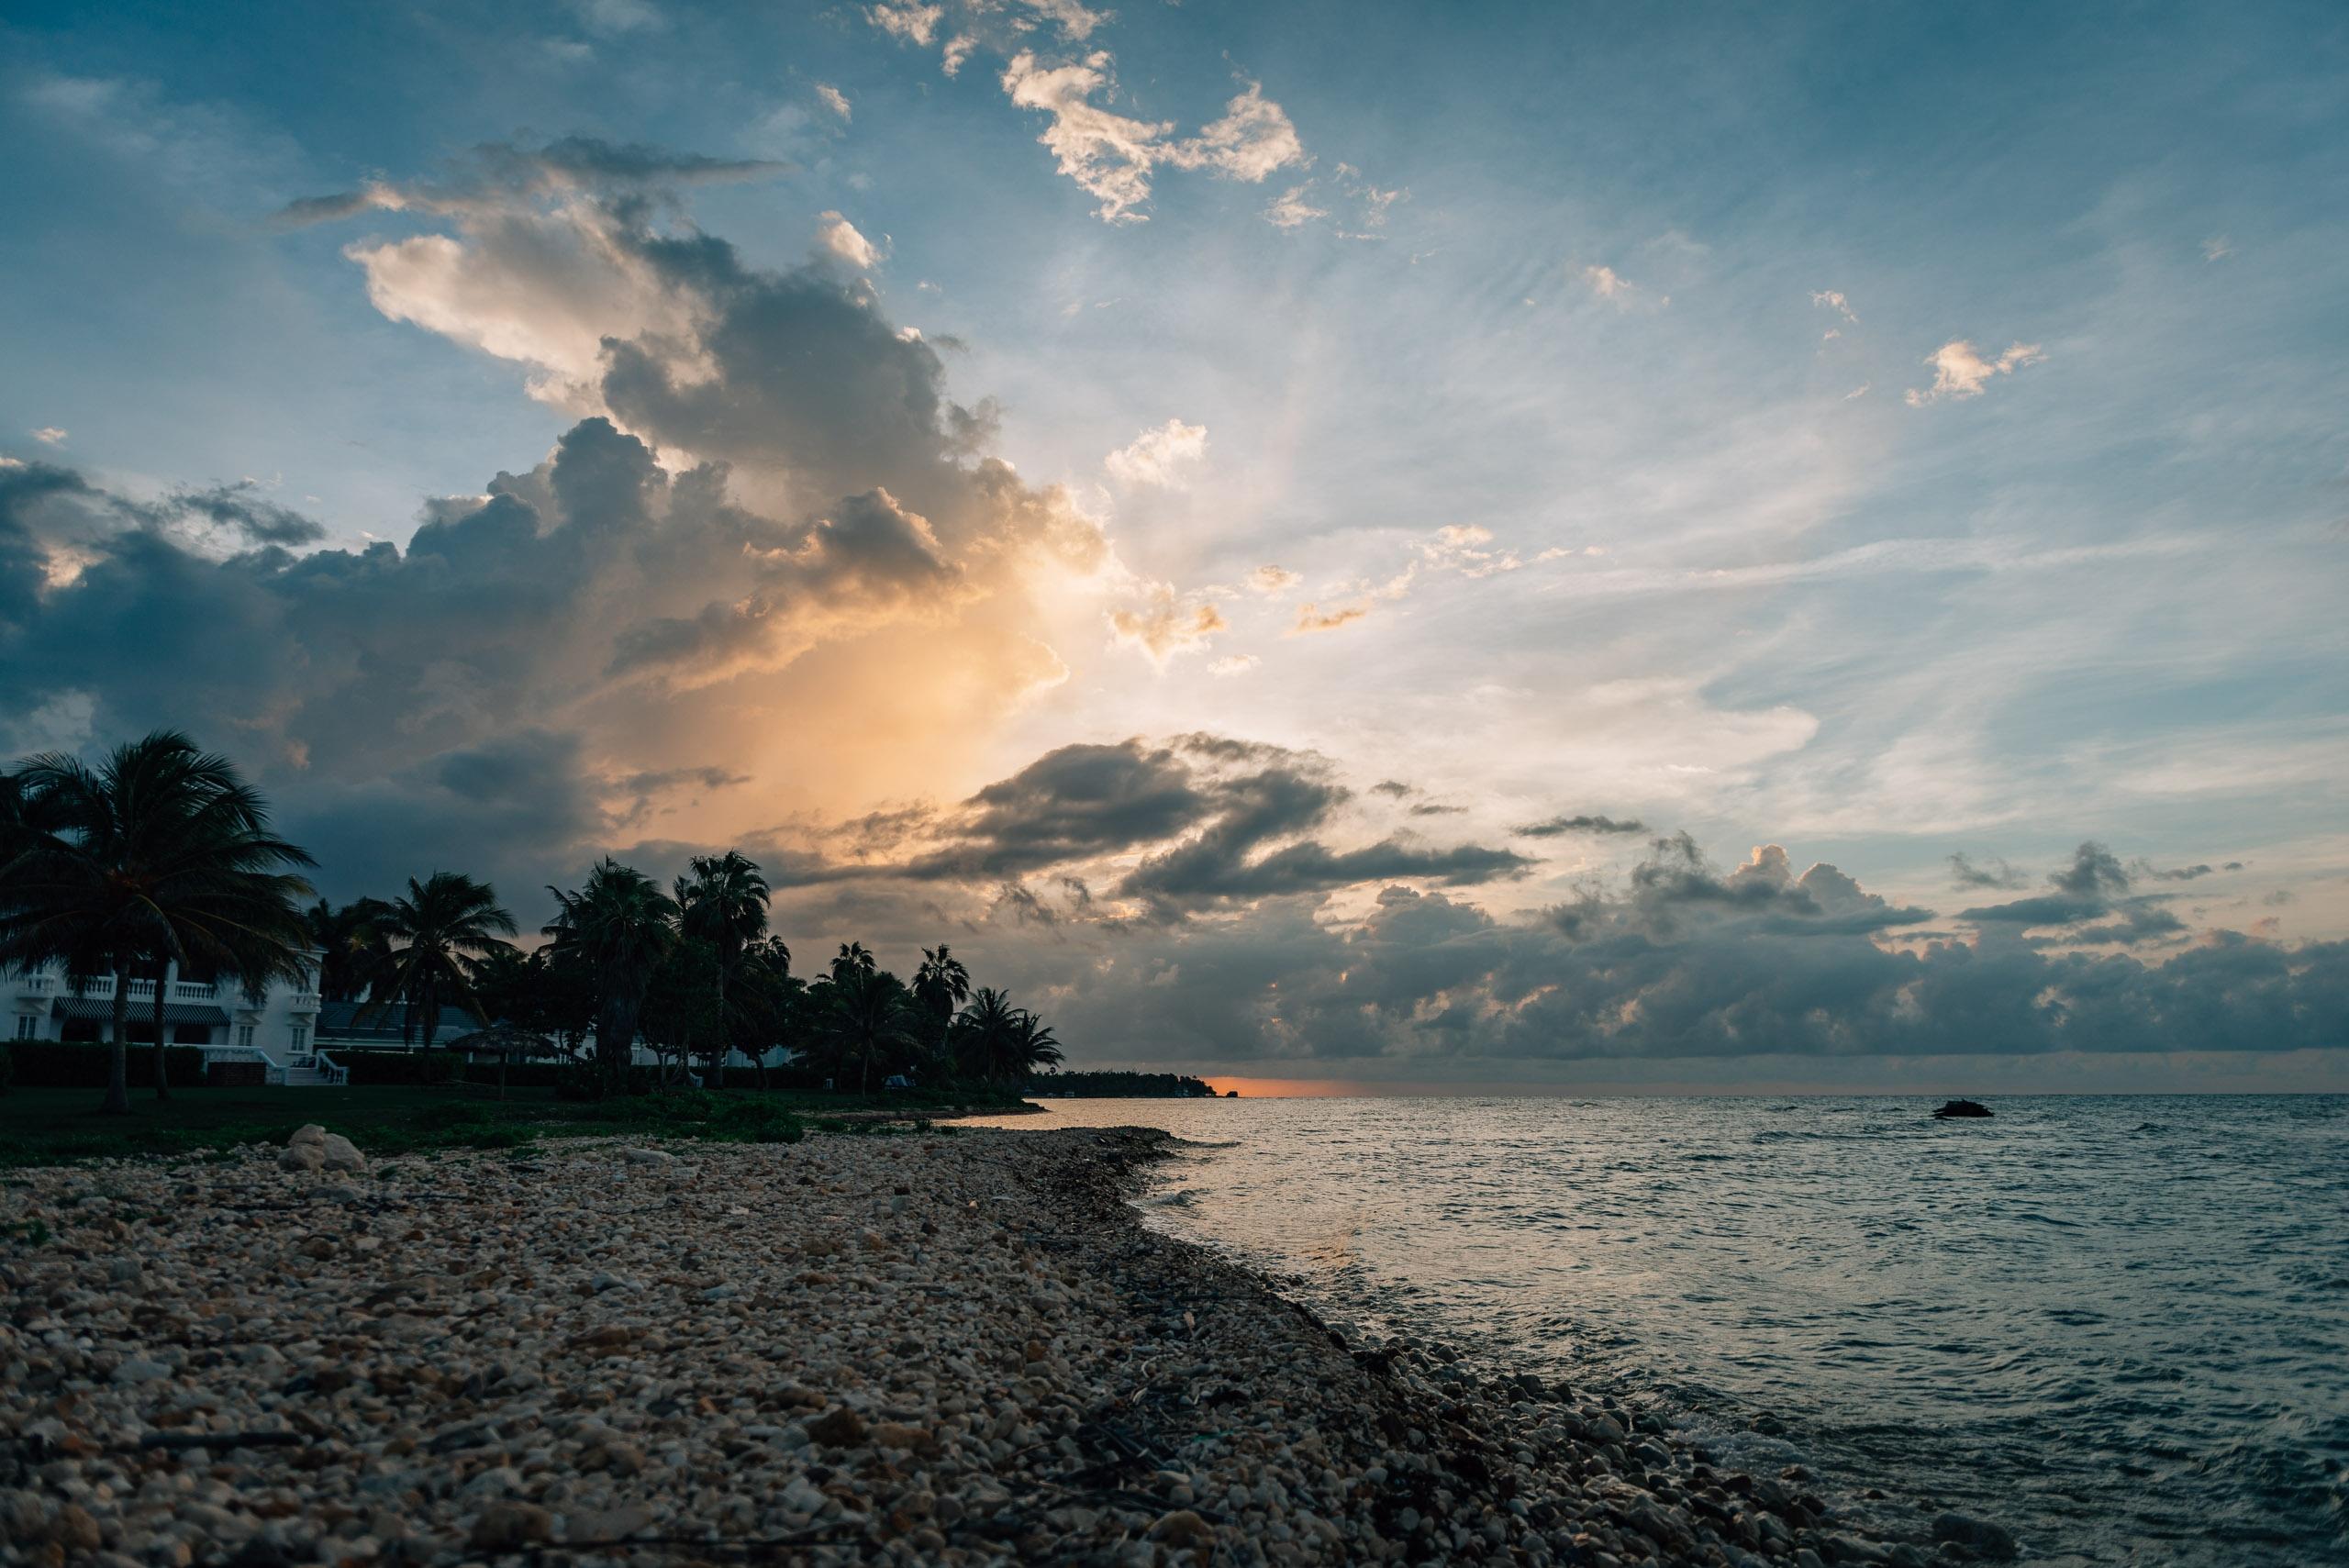 A Dramatic Sunset